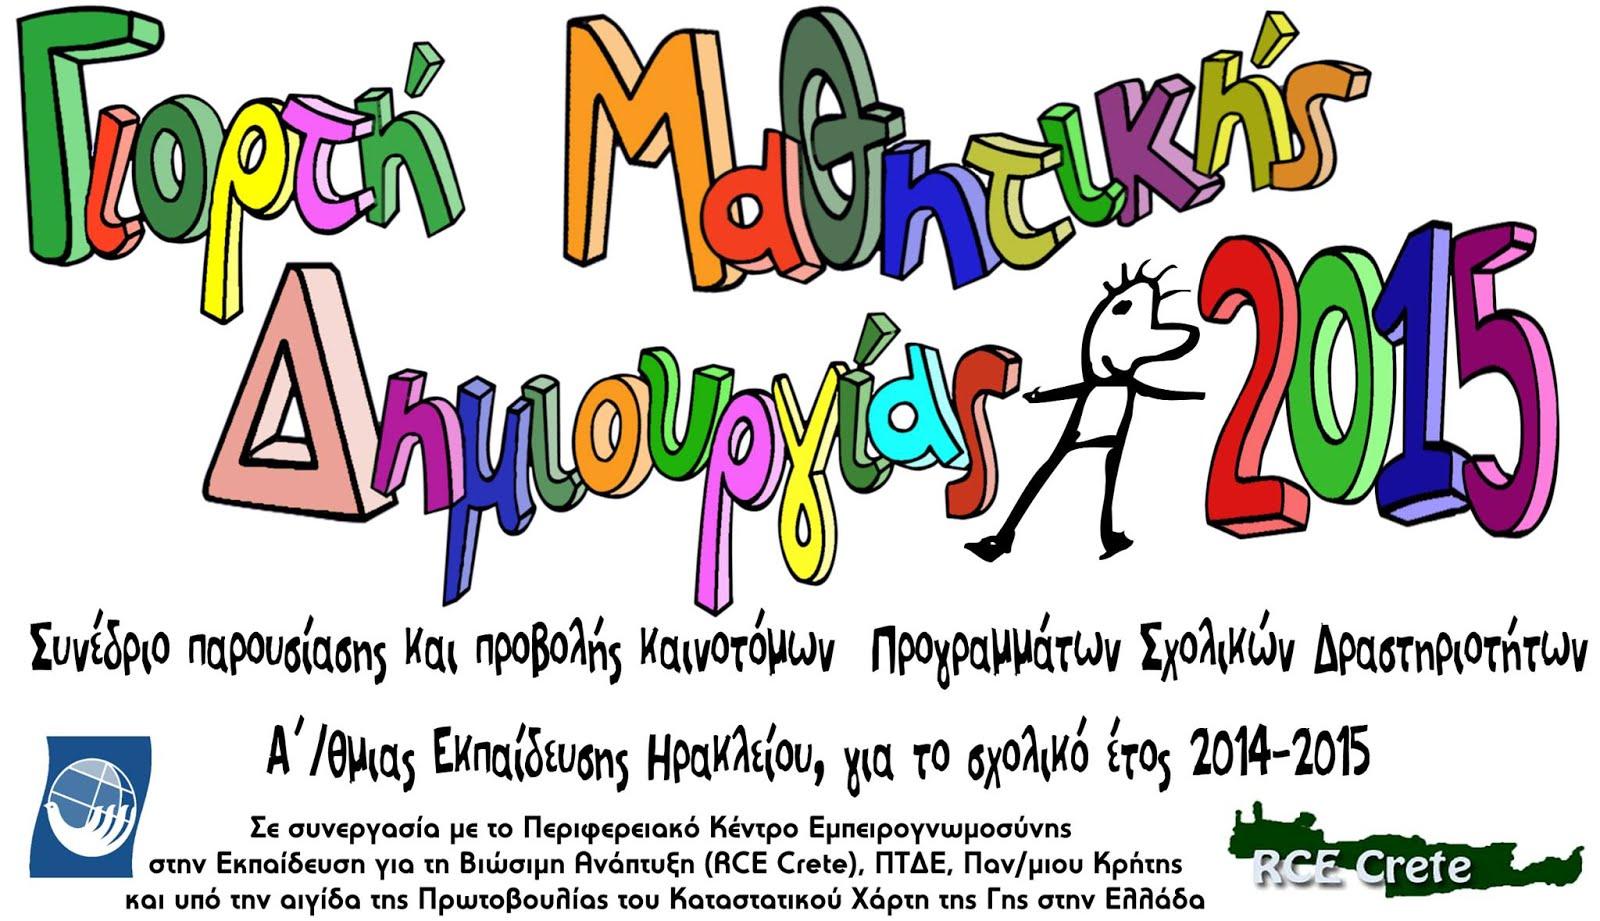 Γιορτή Μαθητικής Δημιουργίας 2015